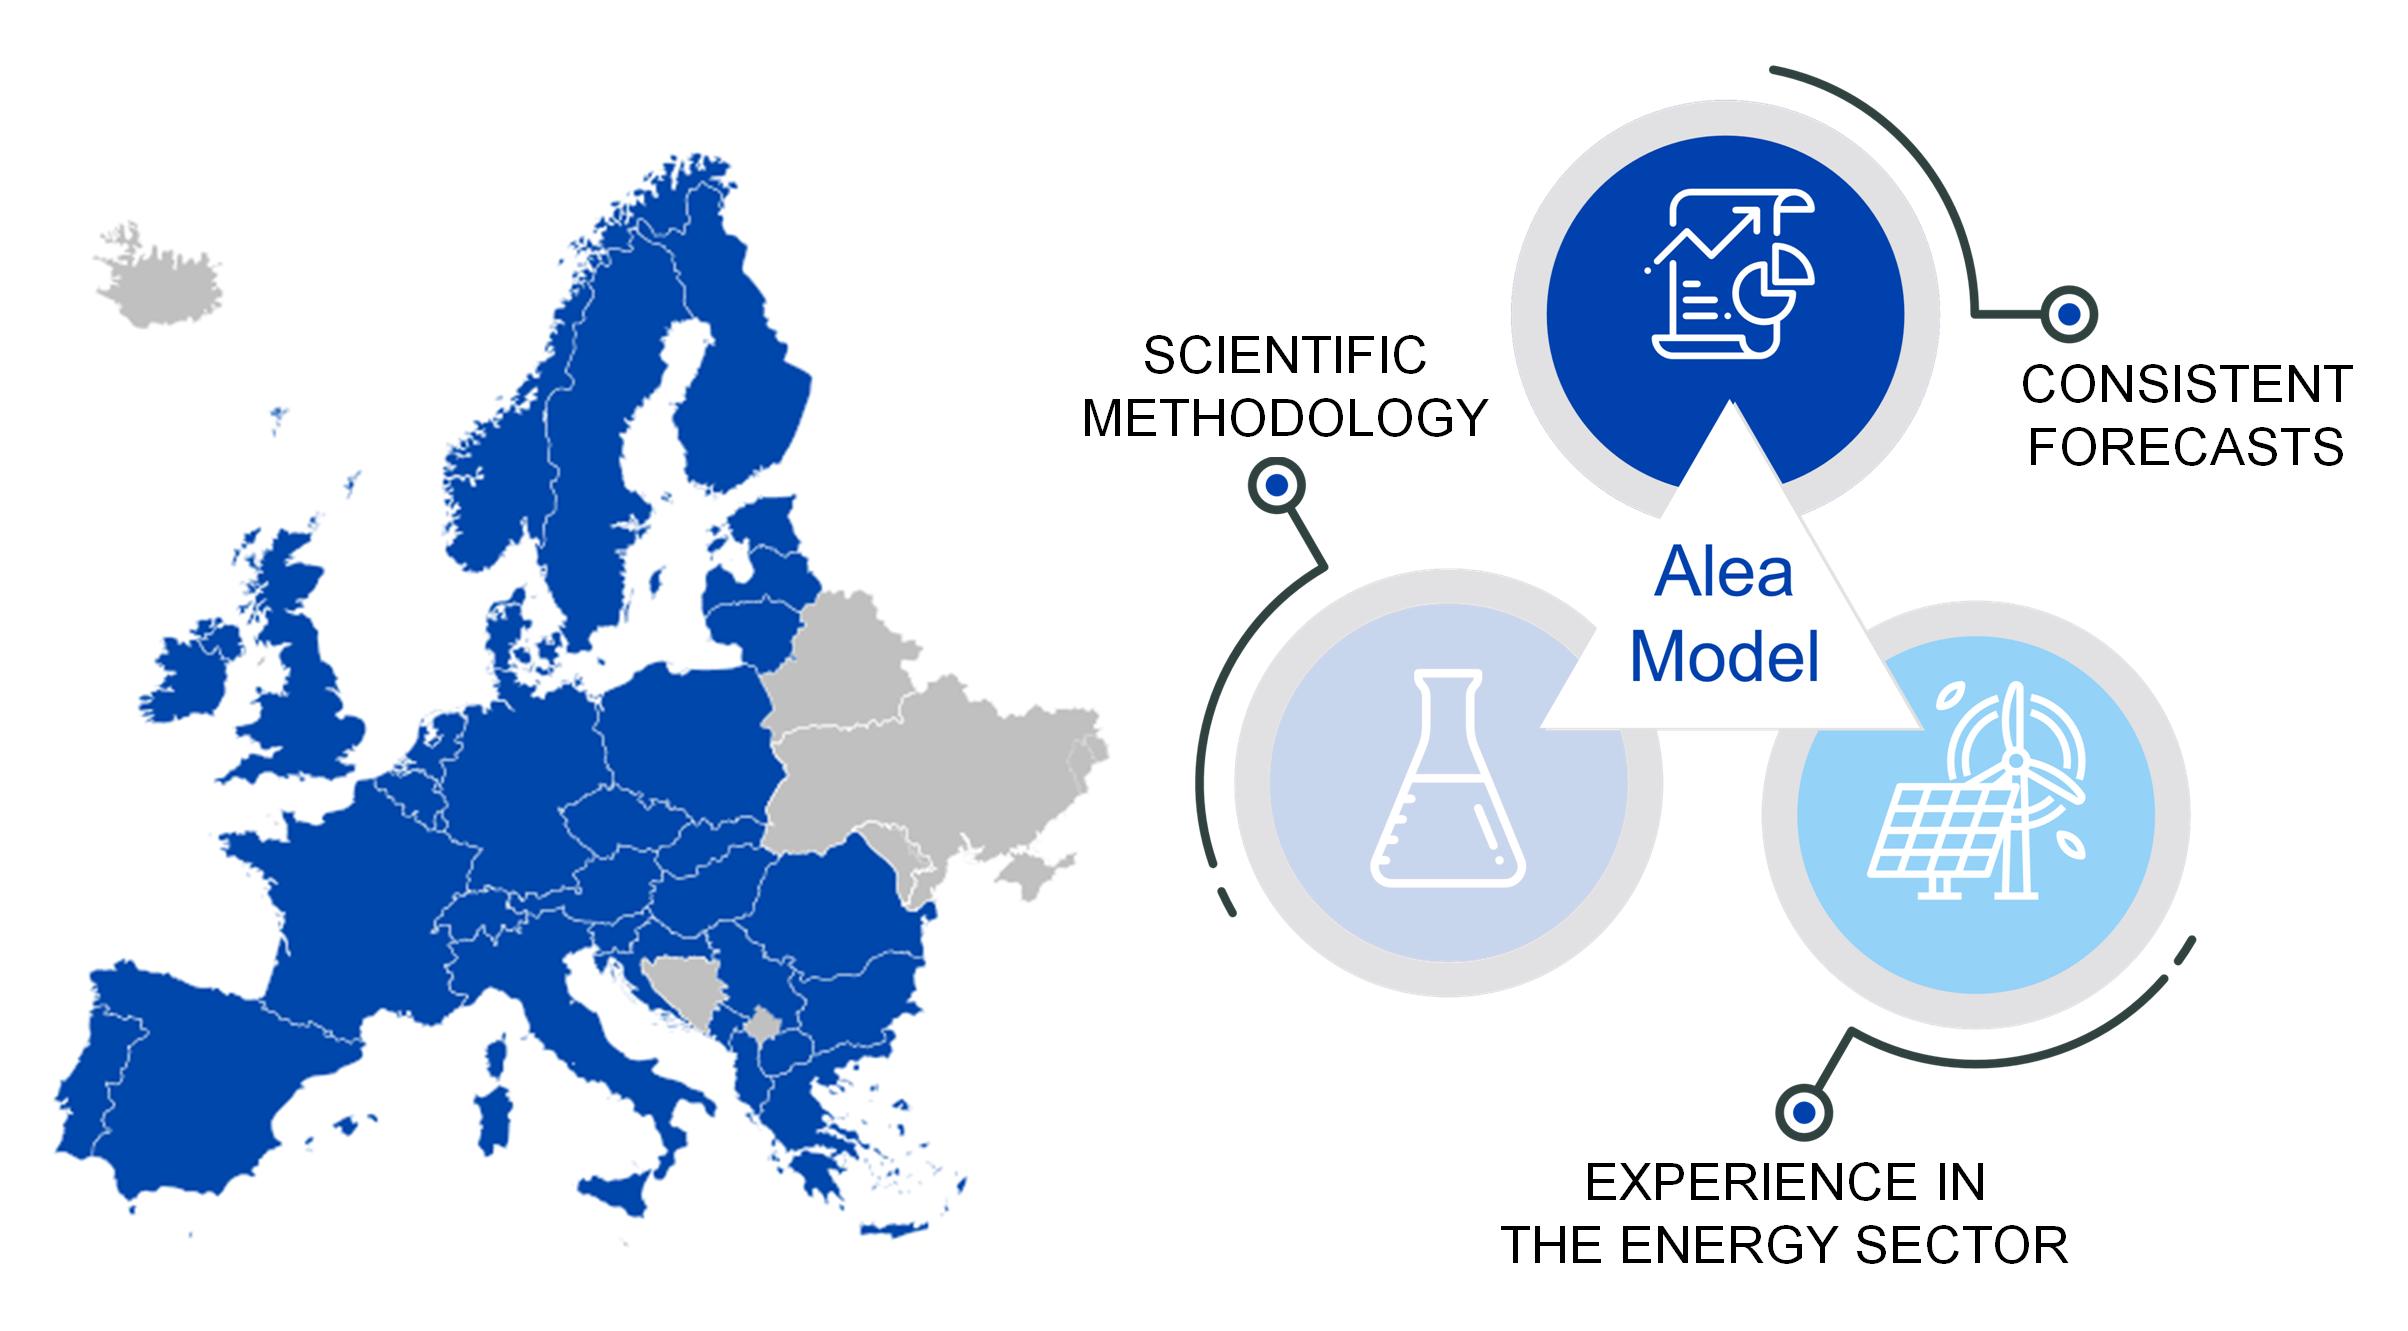 AleaSoft - AleaModel previsiones energia cientificas consistentes experiencia